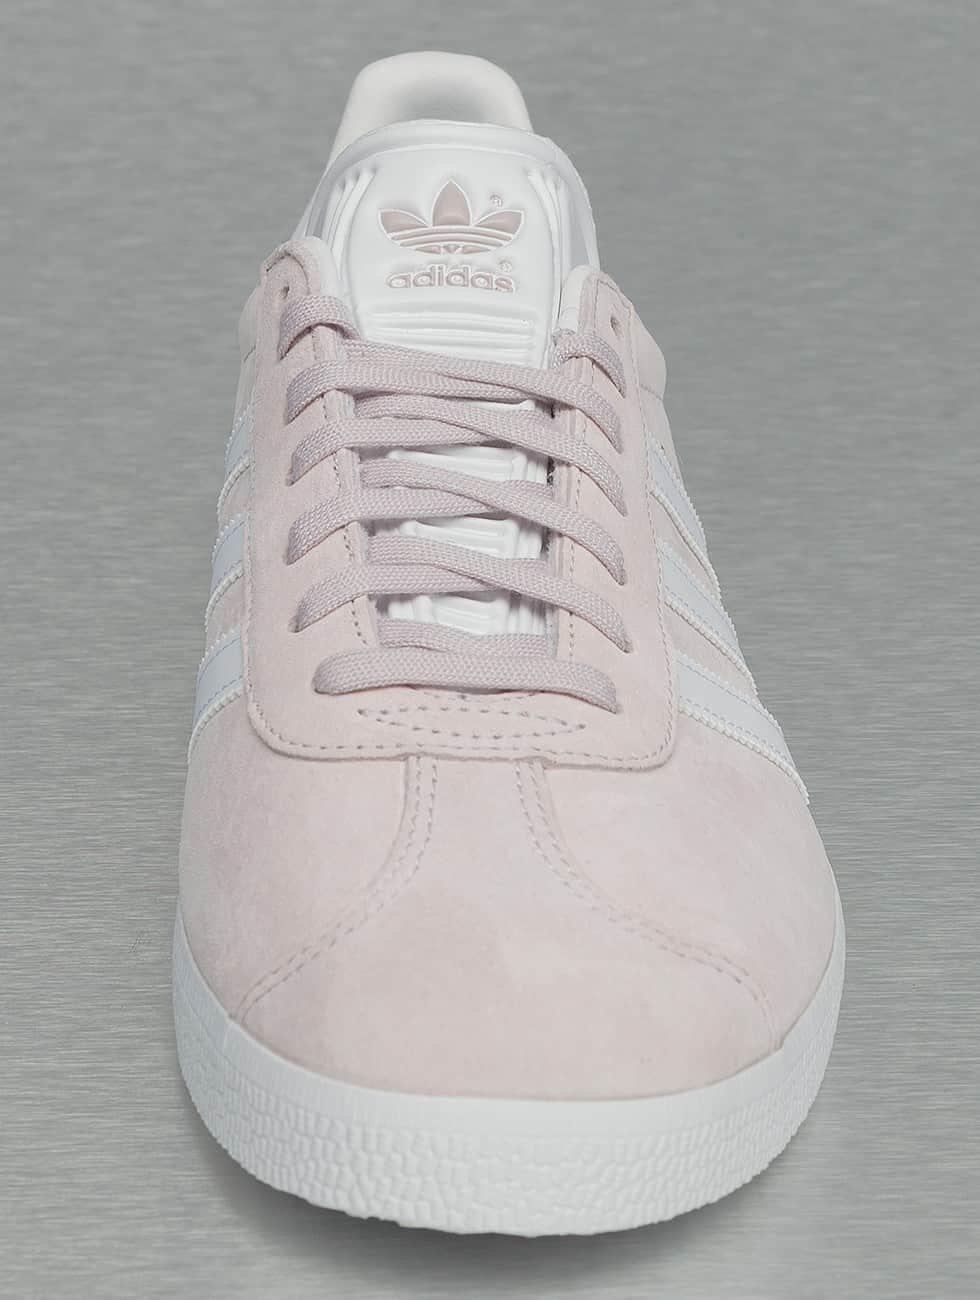 Adidas Originals Bella / Sneaker Gazzella Nella Paars 281962 zOu639